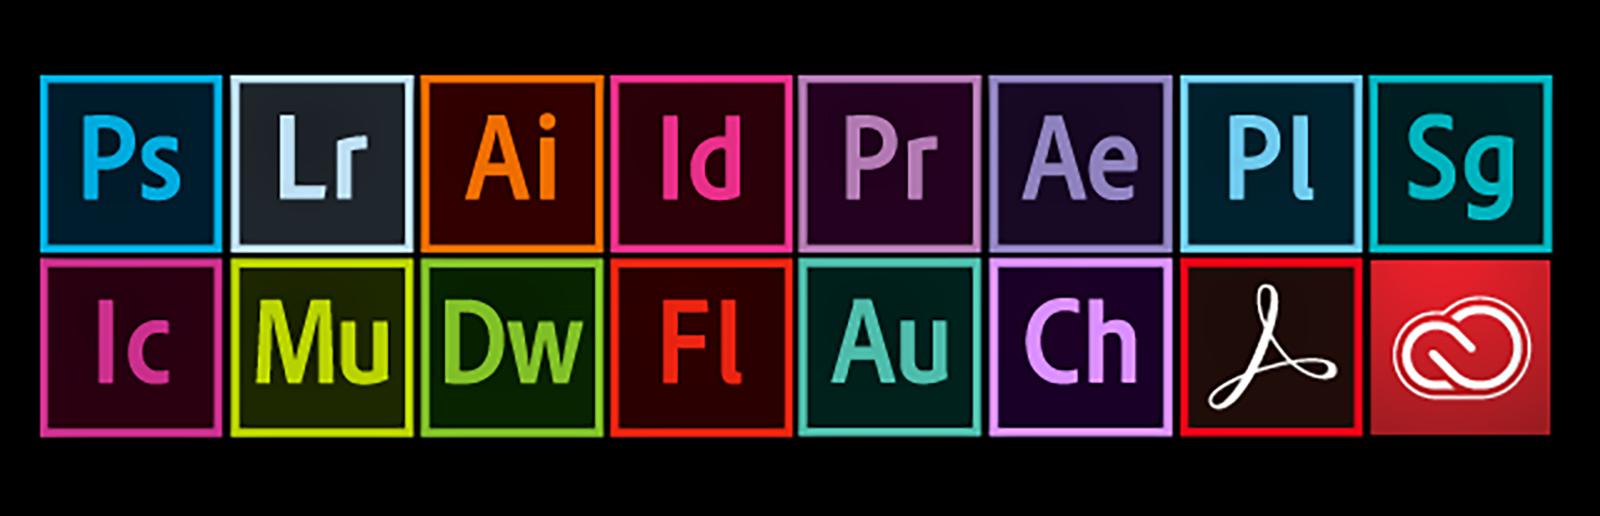 Adobe CCのツールのロゴ一覧